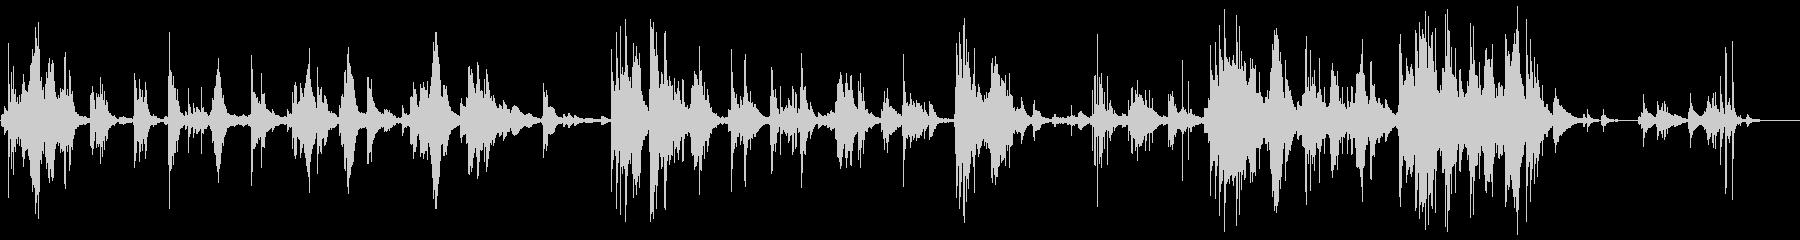 「茶摘」をロマンチックなピアノアレンジでの未再生の波形